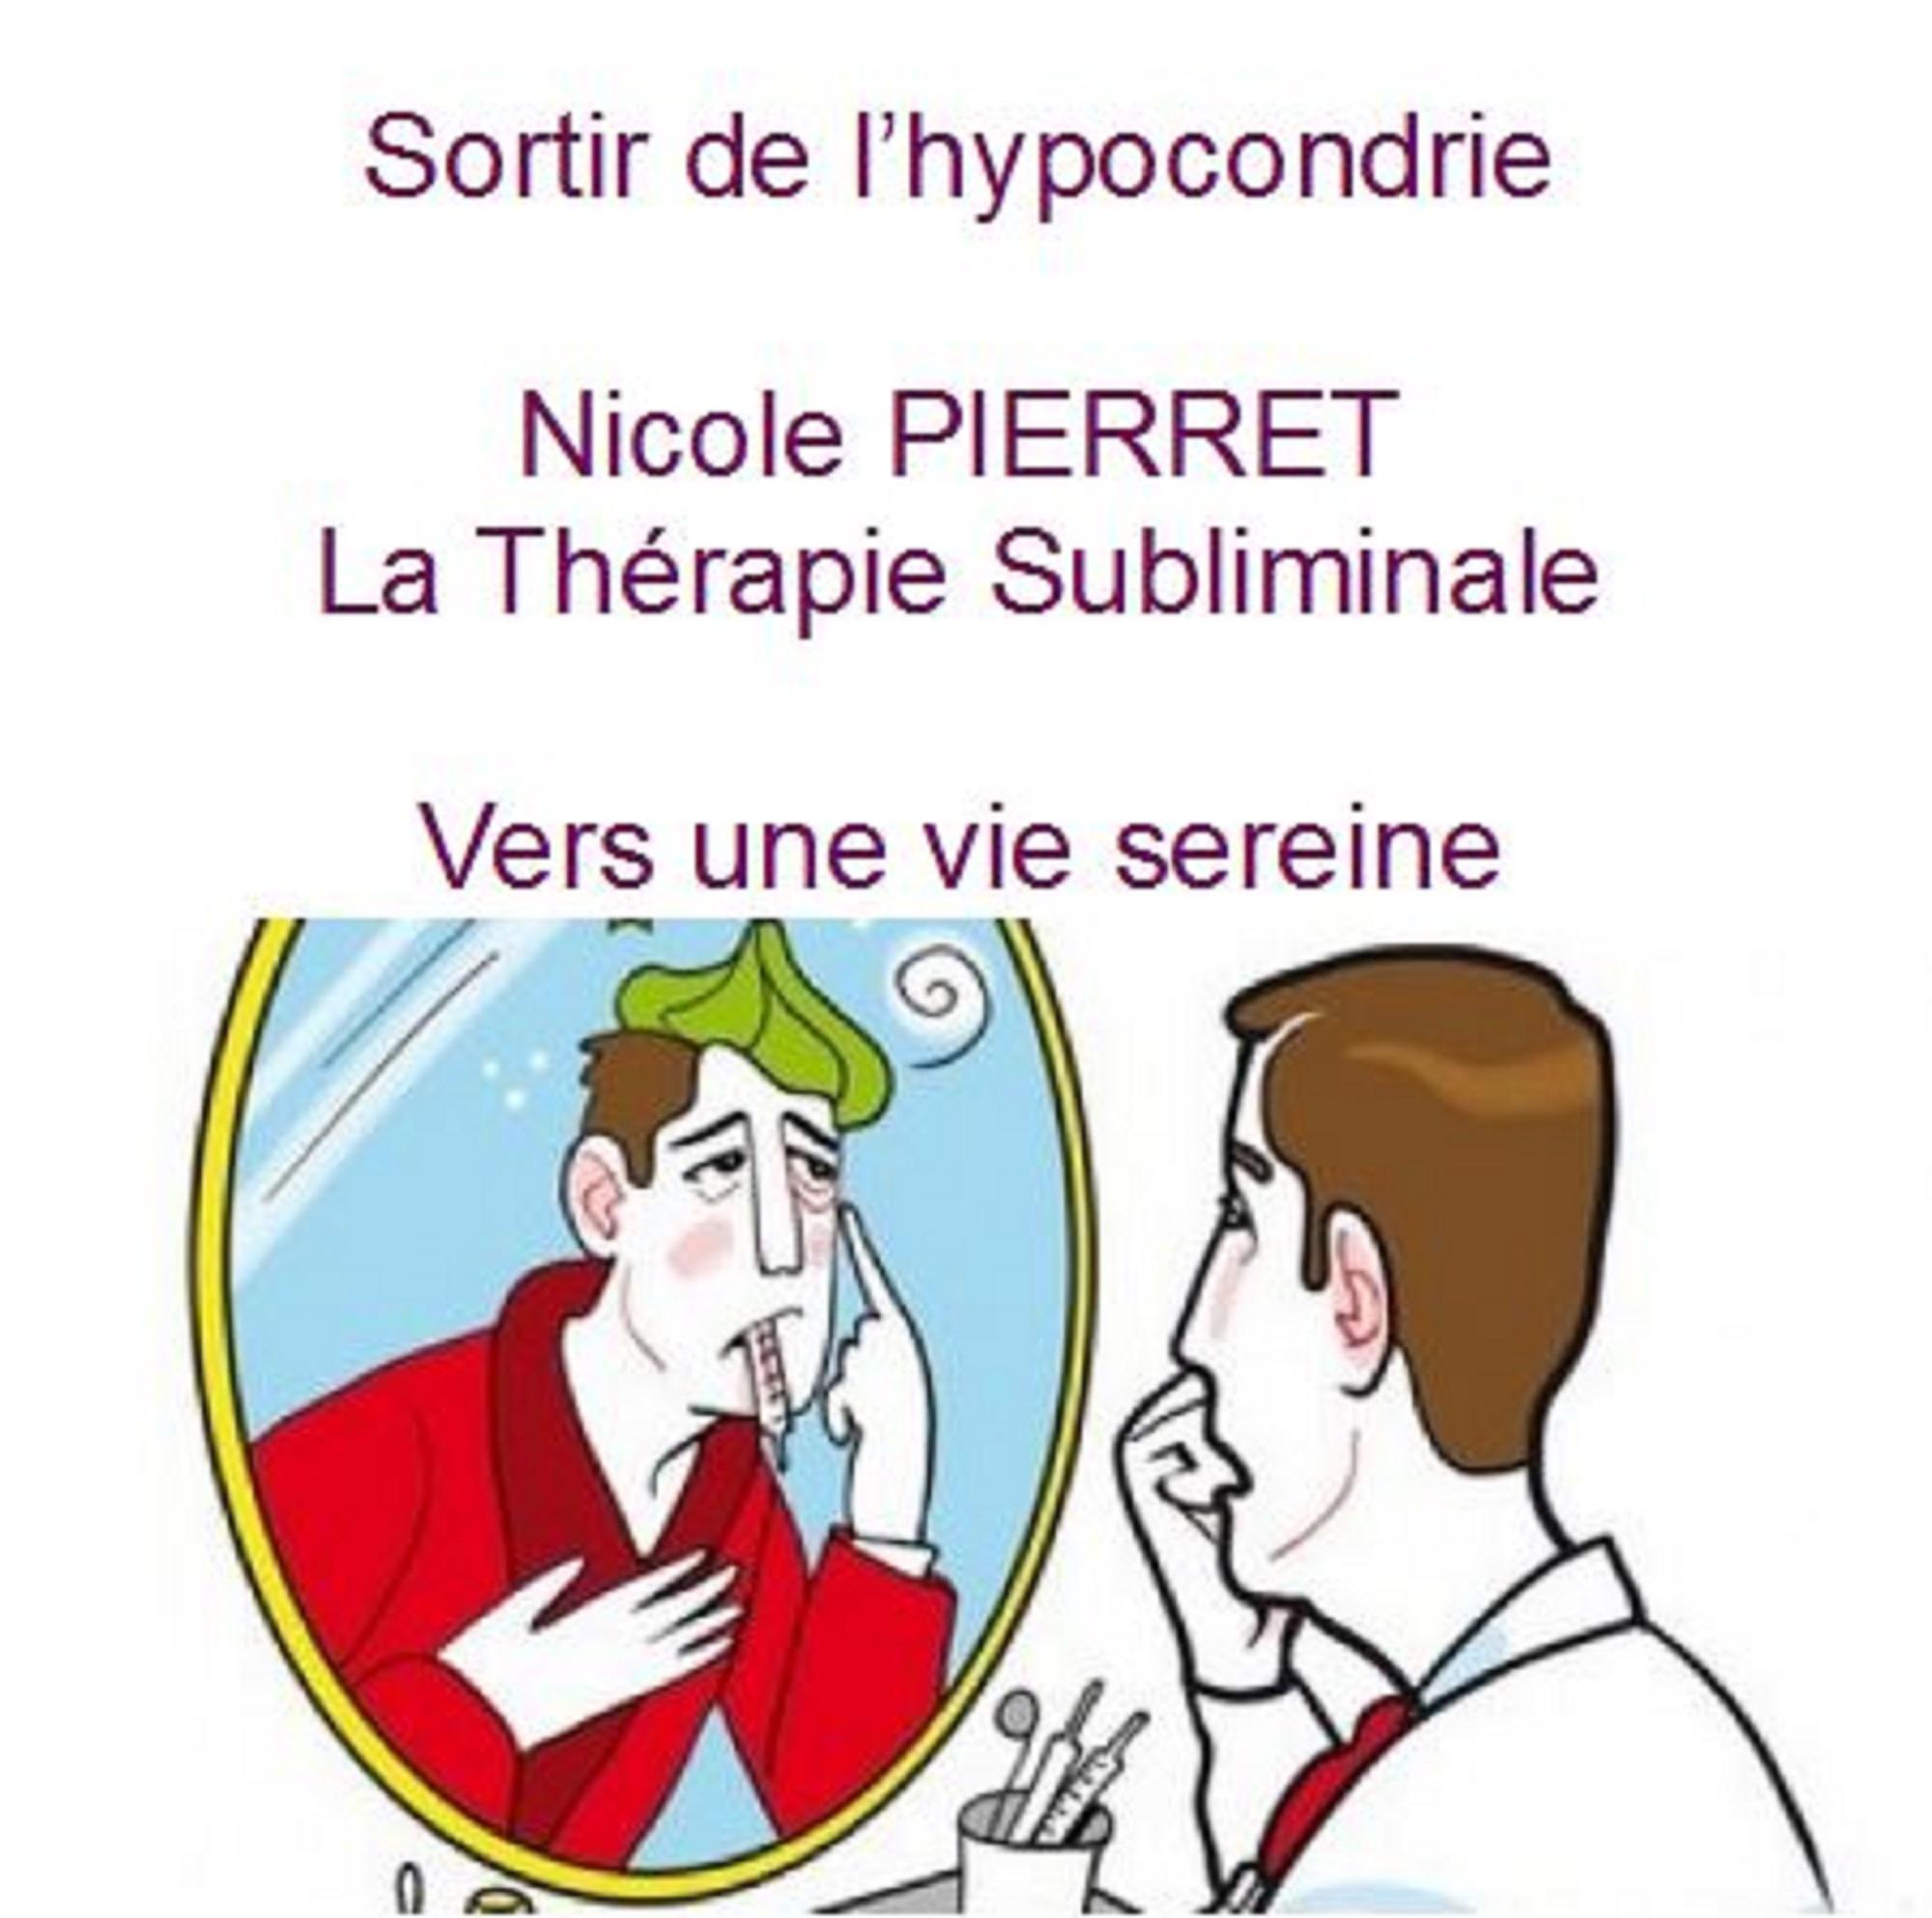 sortir de l'hypocondrie la thérapie subliminale nicole pierret.JPG